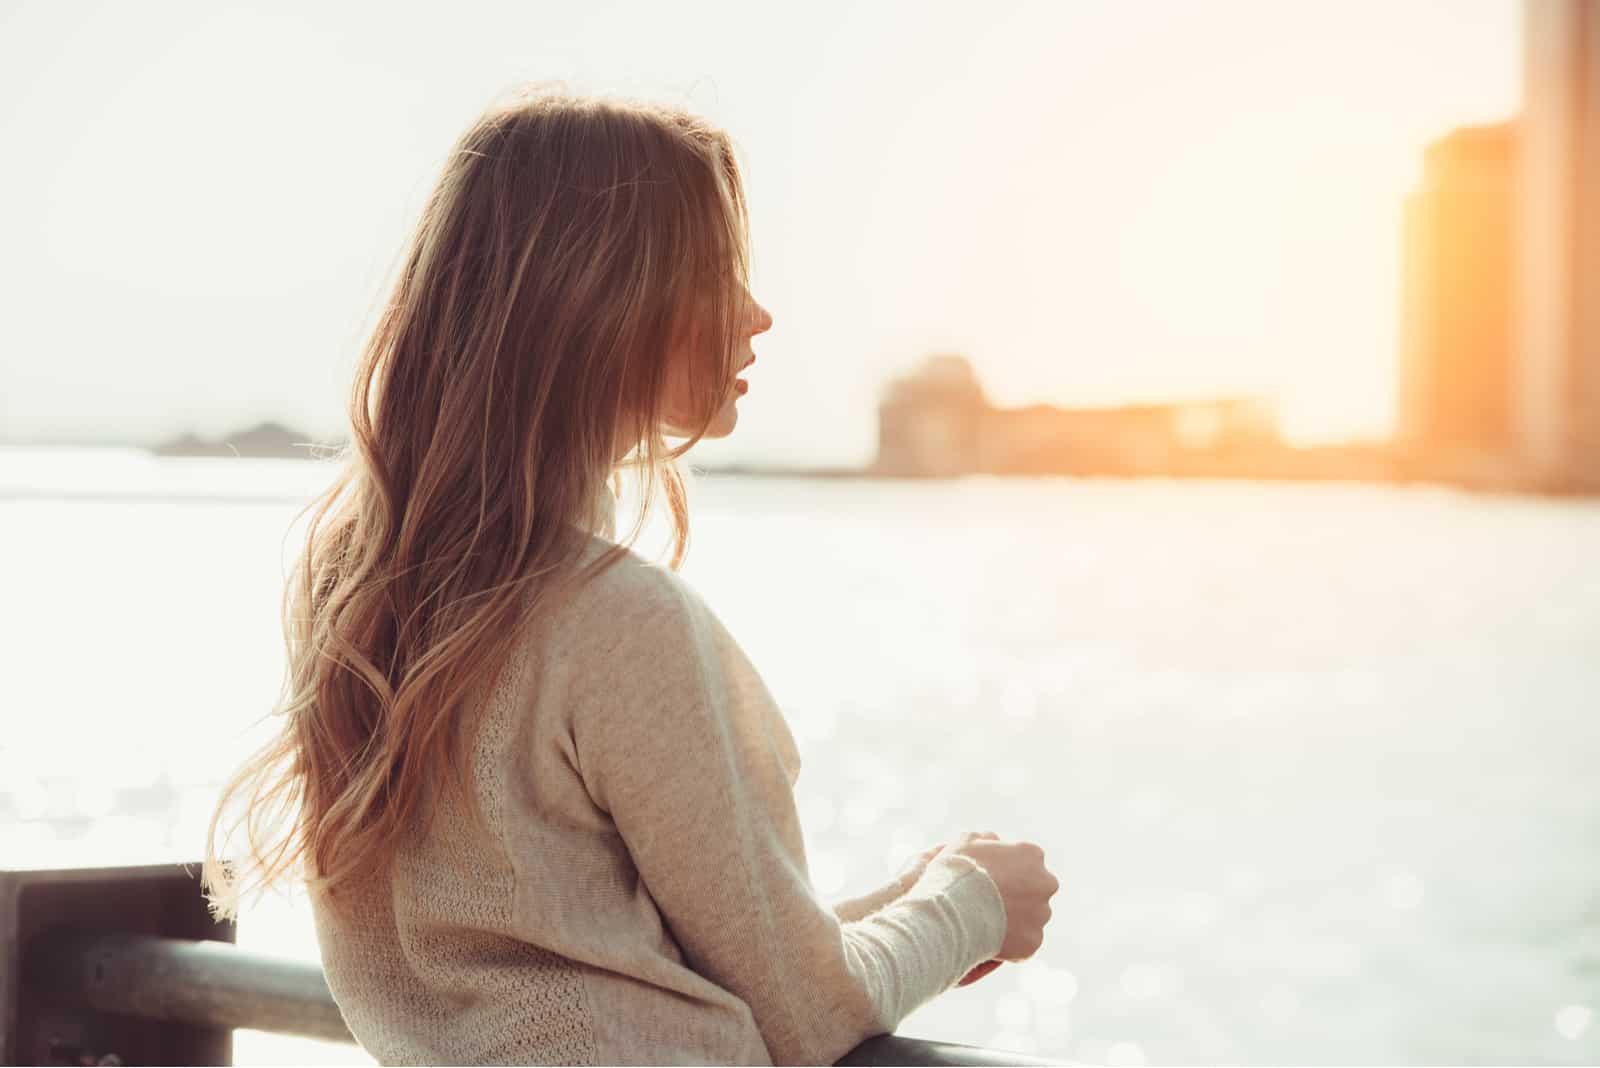 Frau mit langen schönen Haaren allein stehend